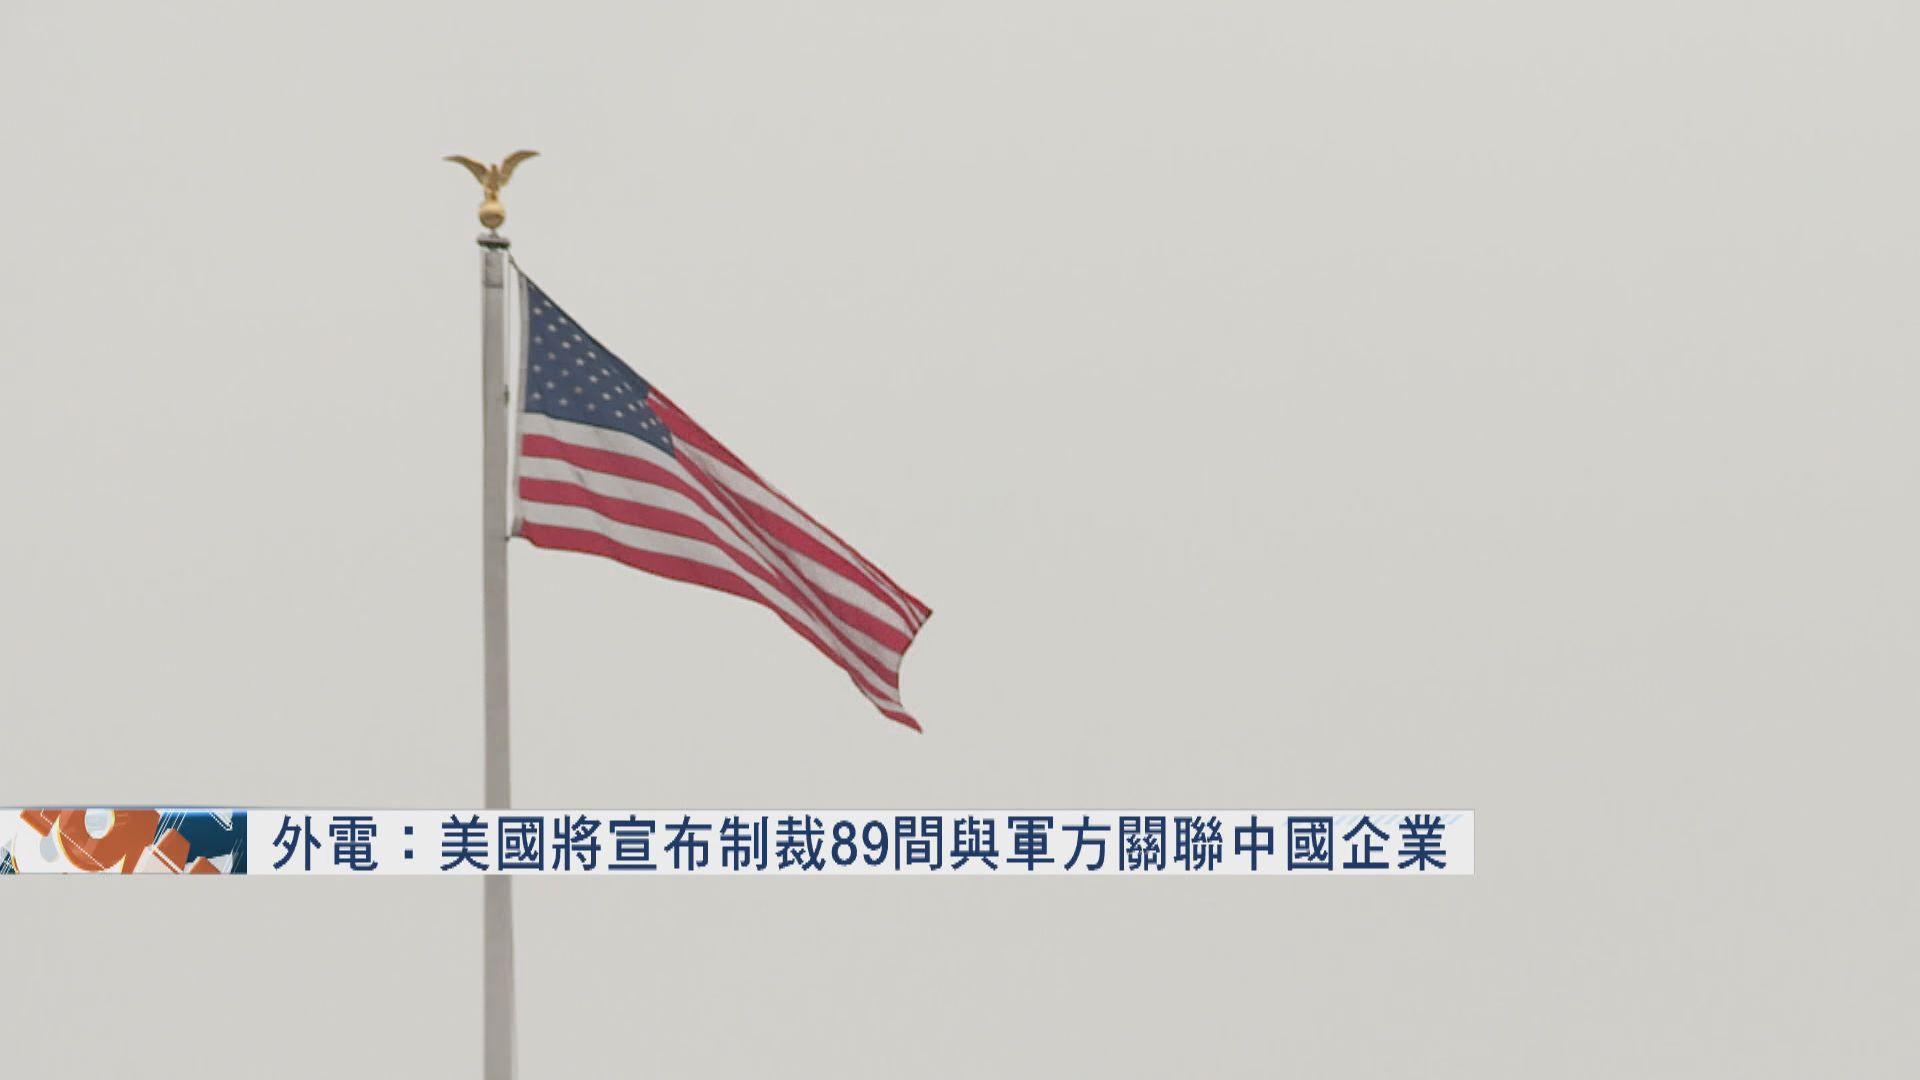 外電:美國將宣布制裁89間與軍方關聯中國企業